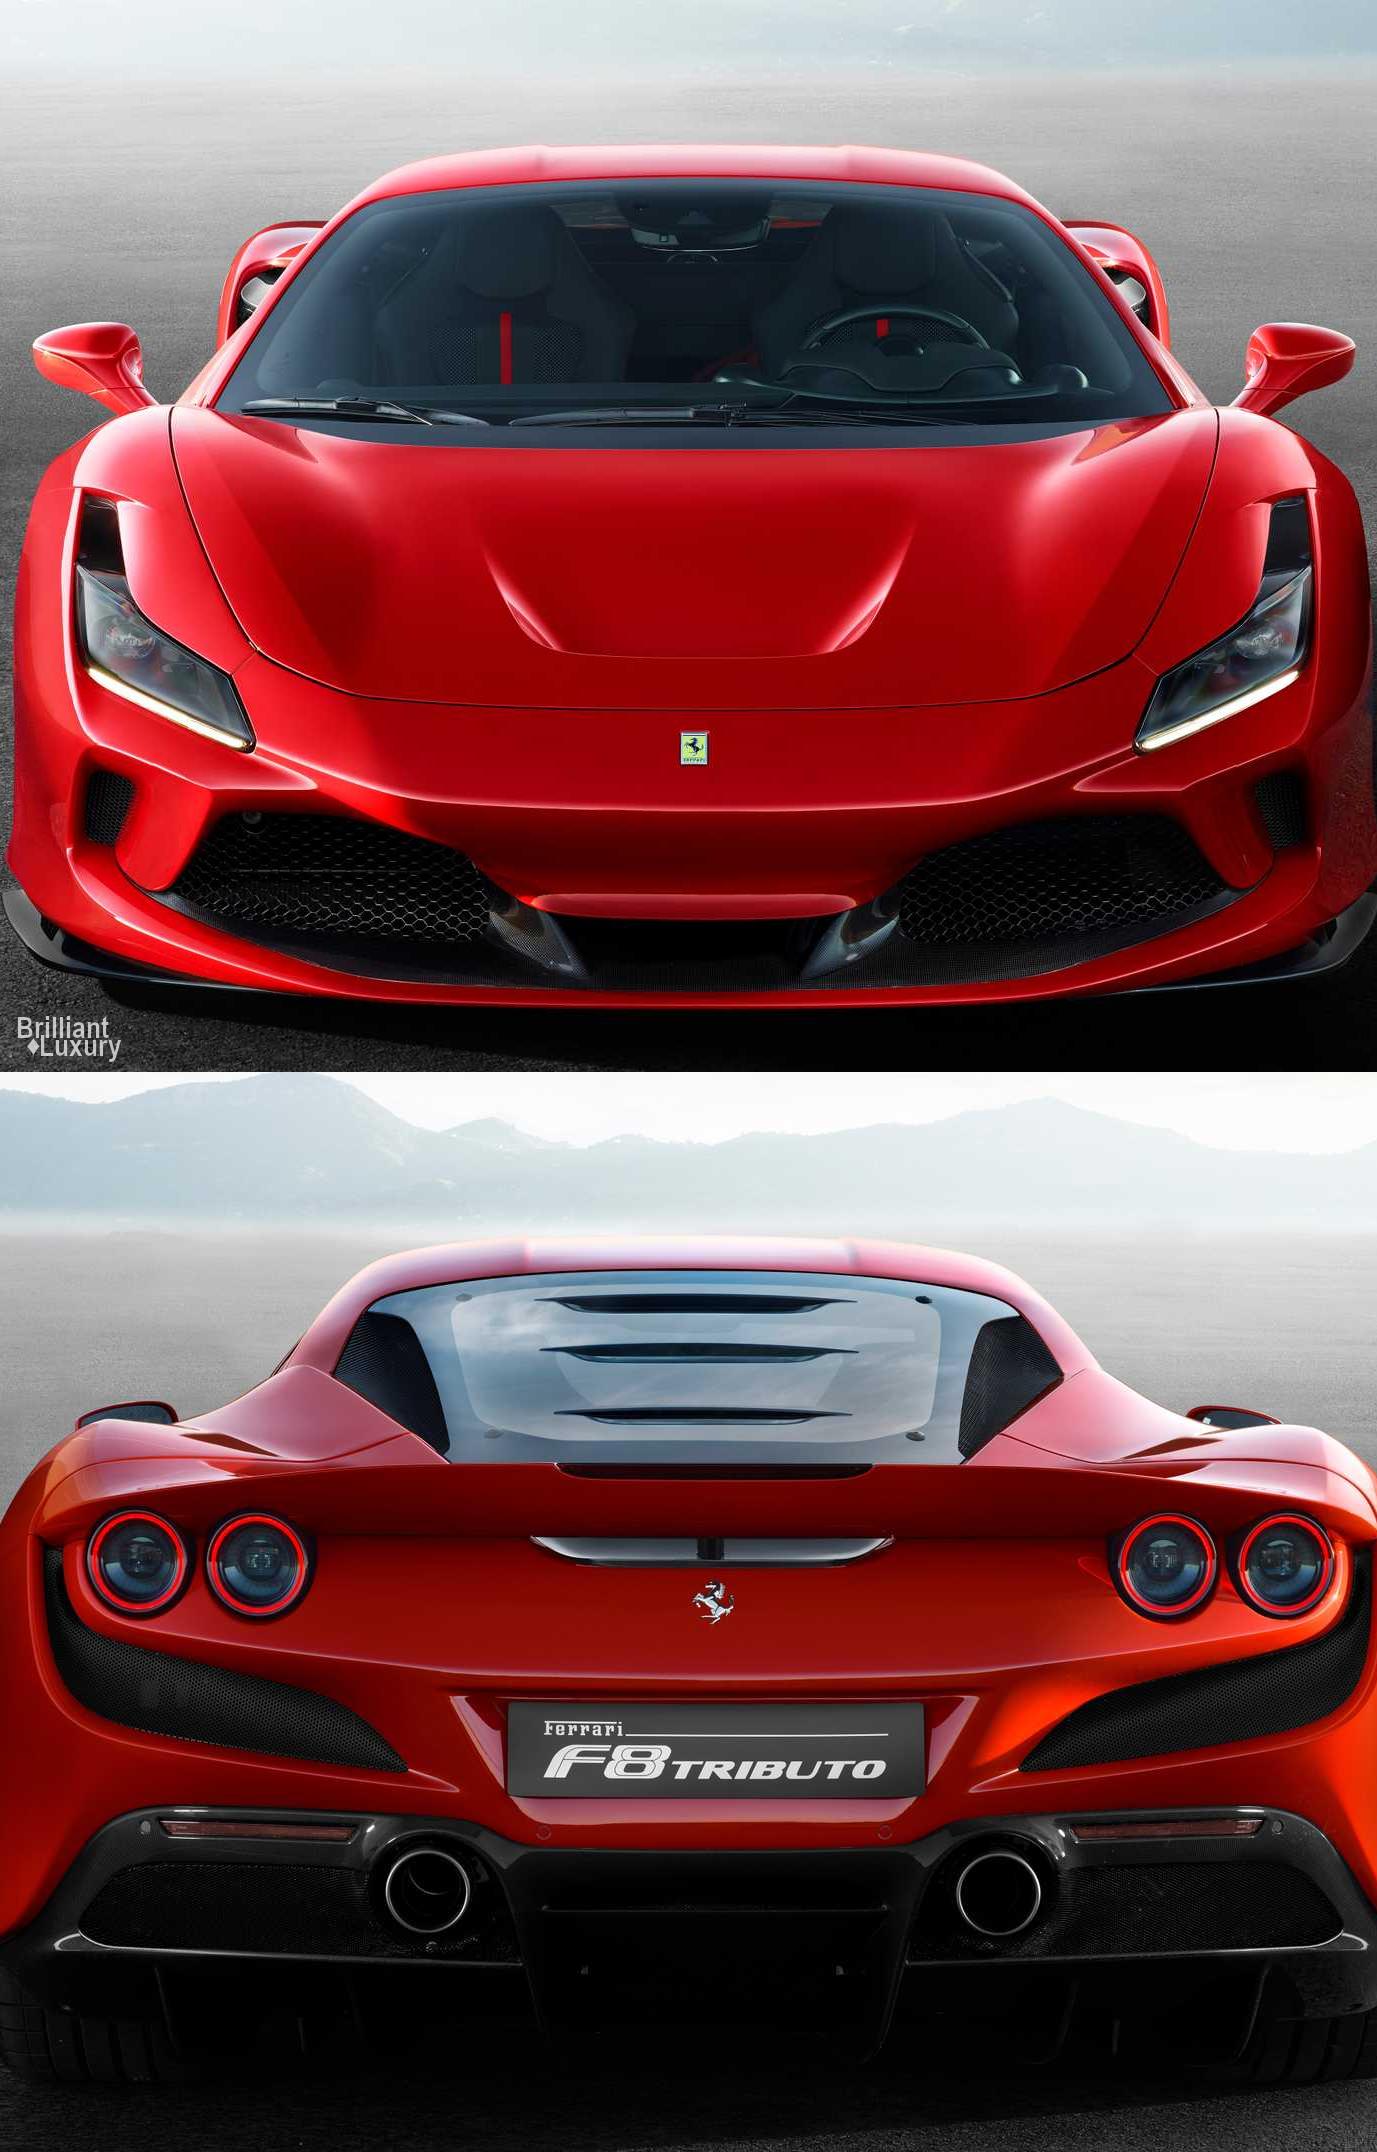 Brilliant LuxuryFerrari F8 Tributo 2020 in 2020 Ferrari